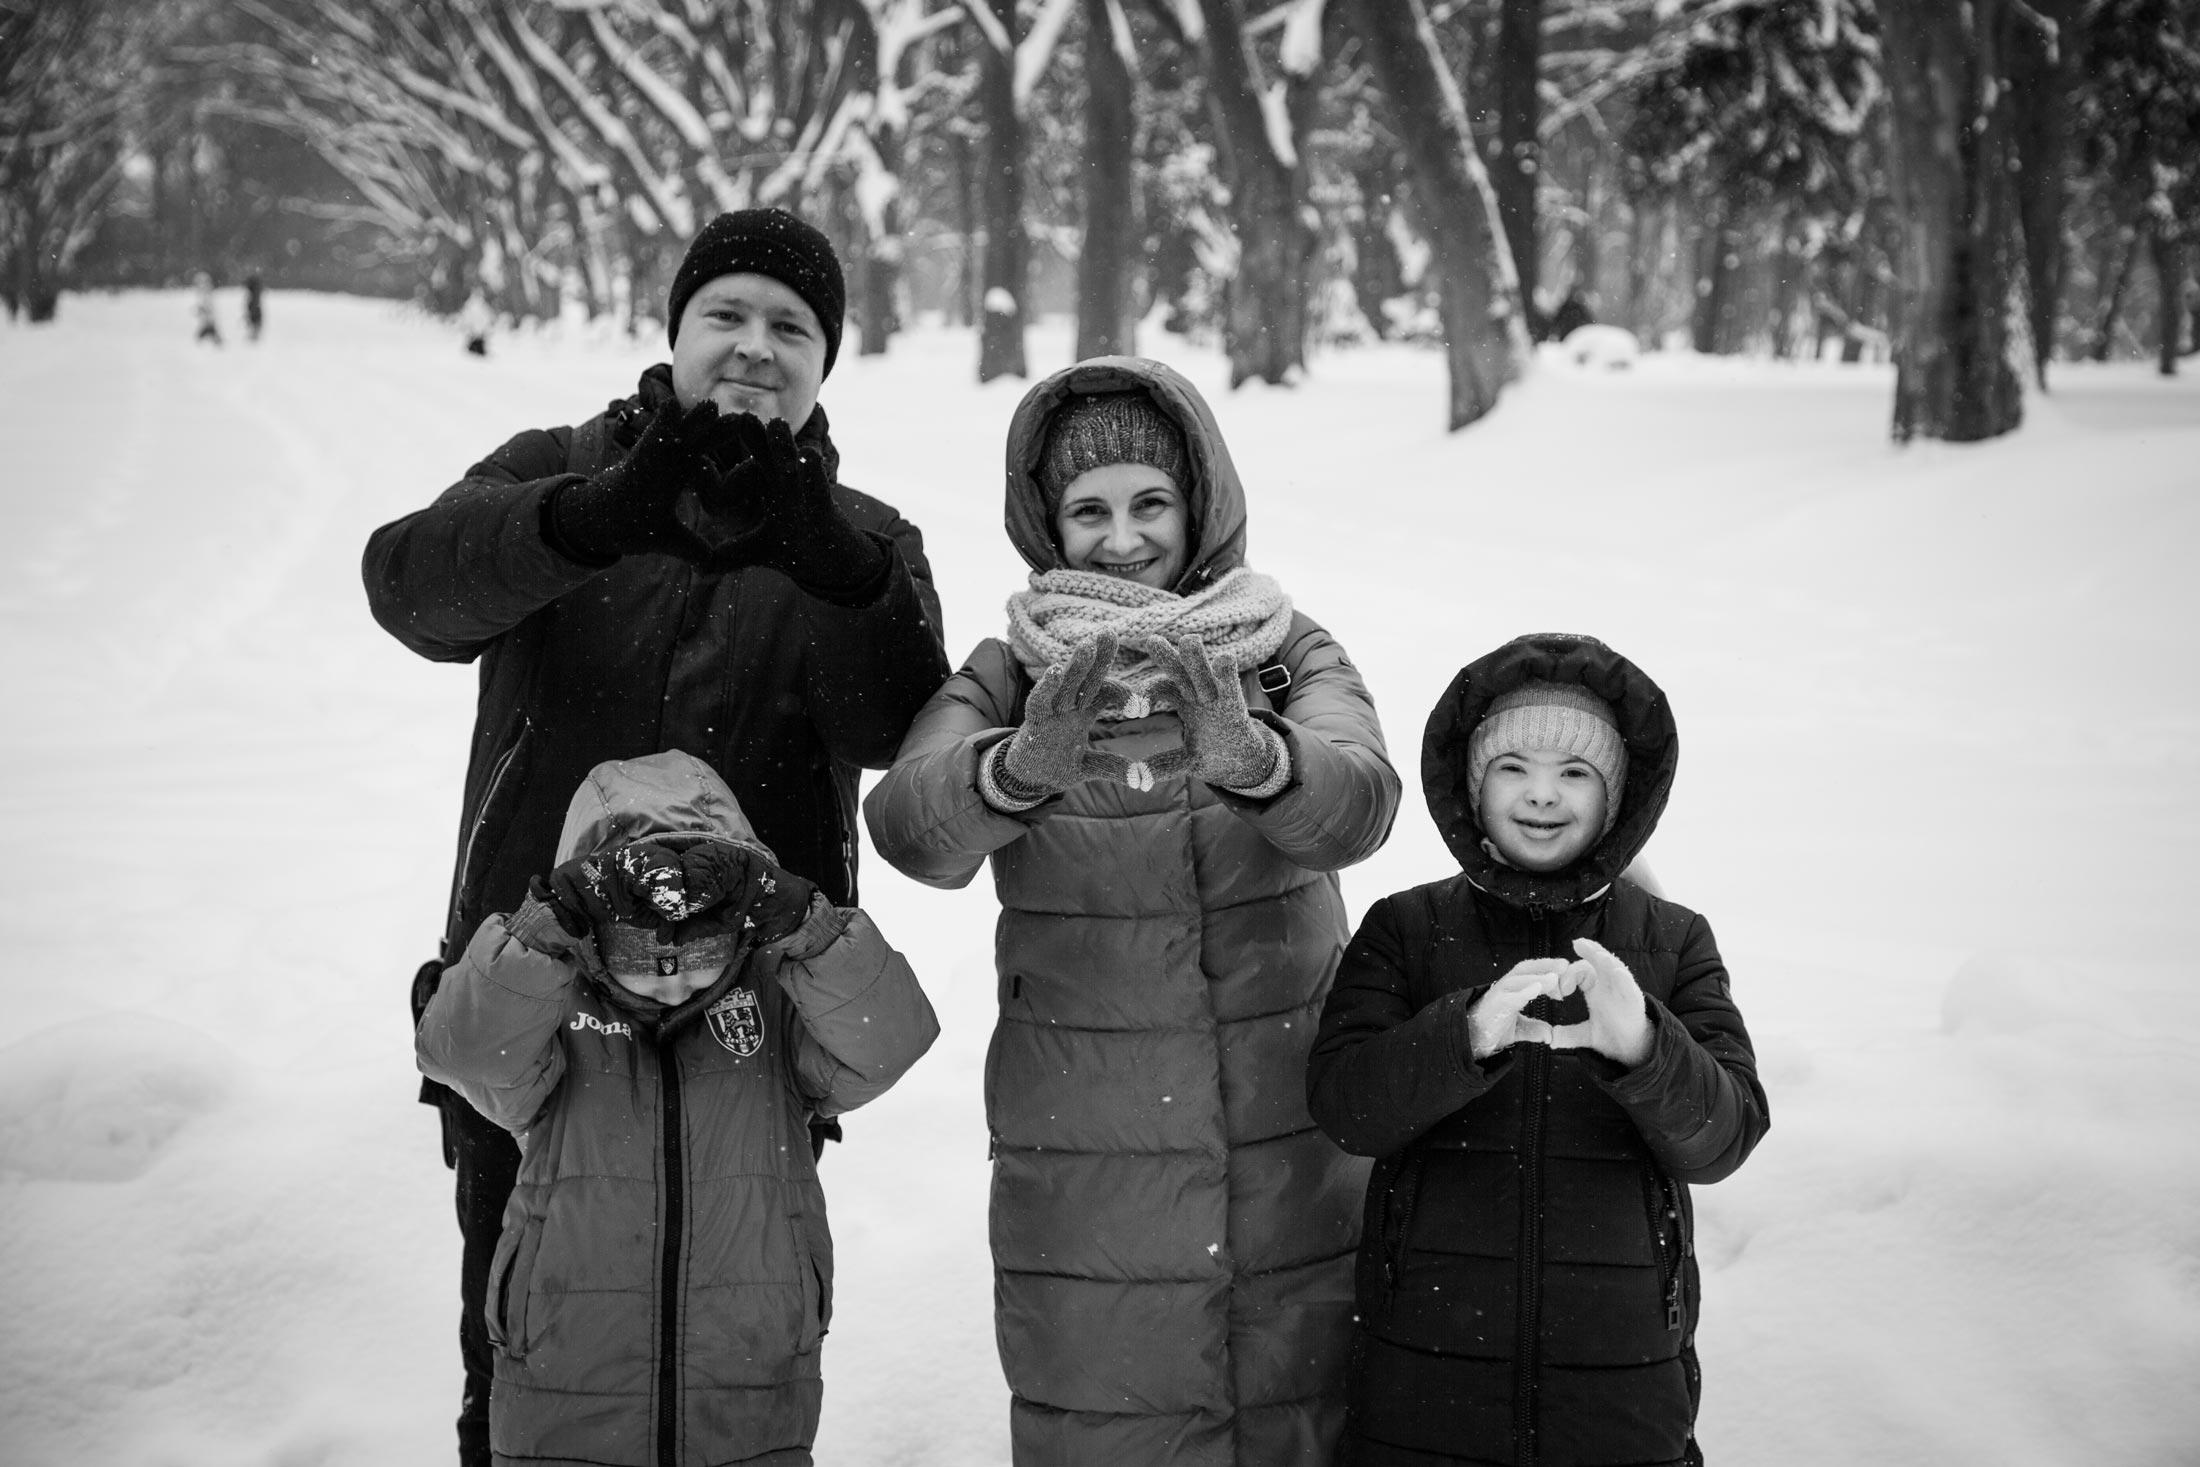 yulia aronova 03 - <b>Таке життя.</b> Як спілкуватися із батьками дітей з особливими потребами й не перетворювати розмову на щось особливе - Заборона